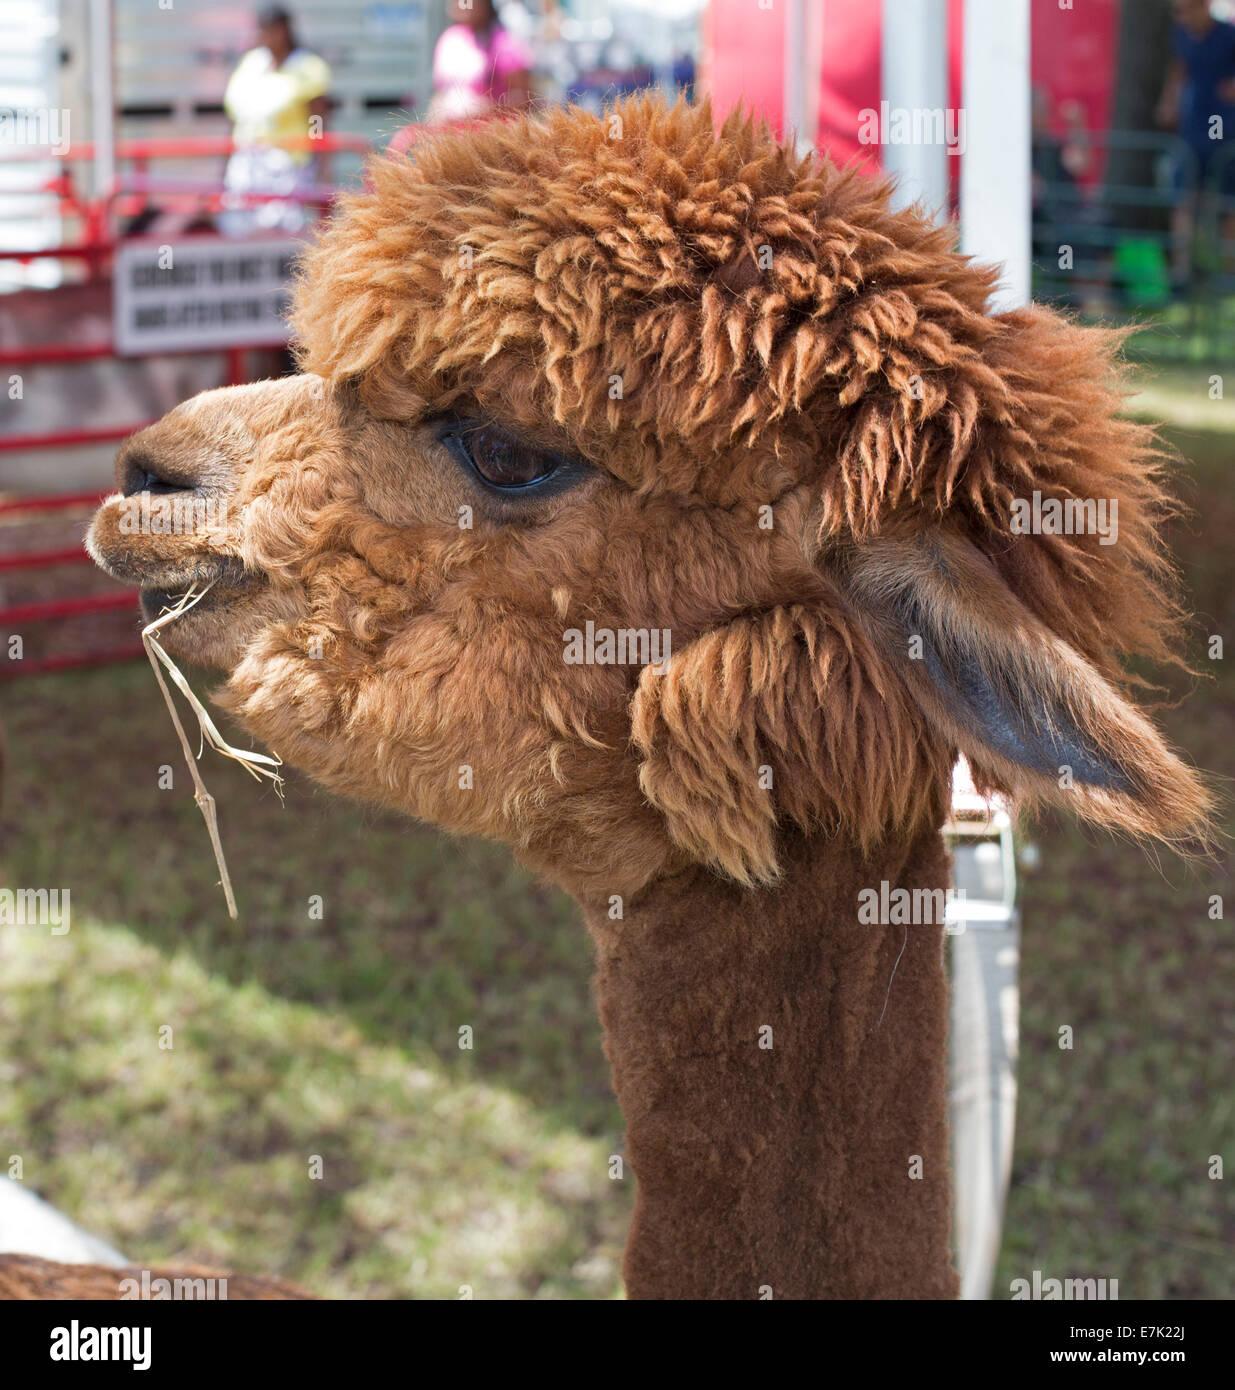 Sterling Heights, Michigan - Una alpaca en un zoológico de contacto. Imagen De Stock